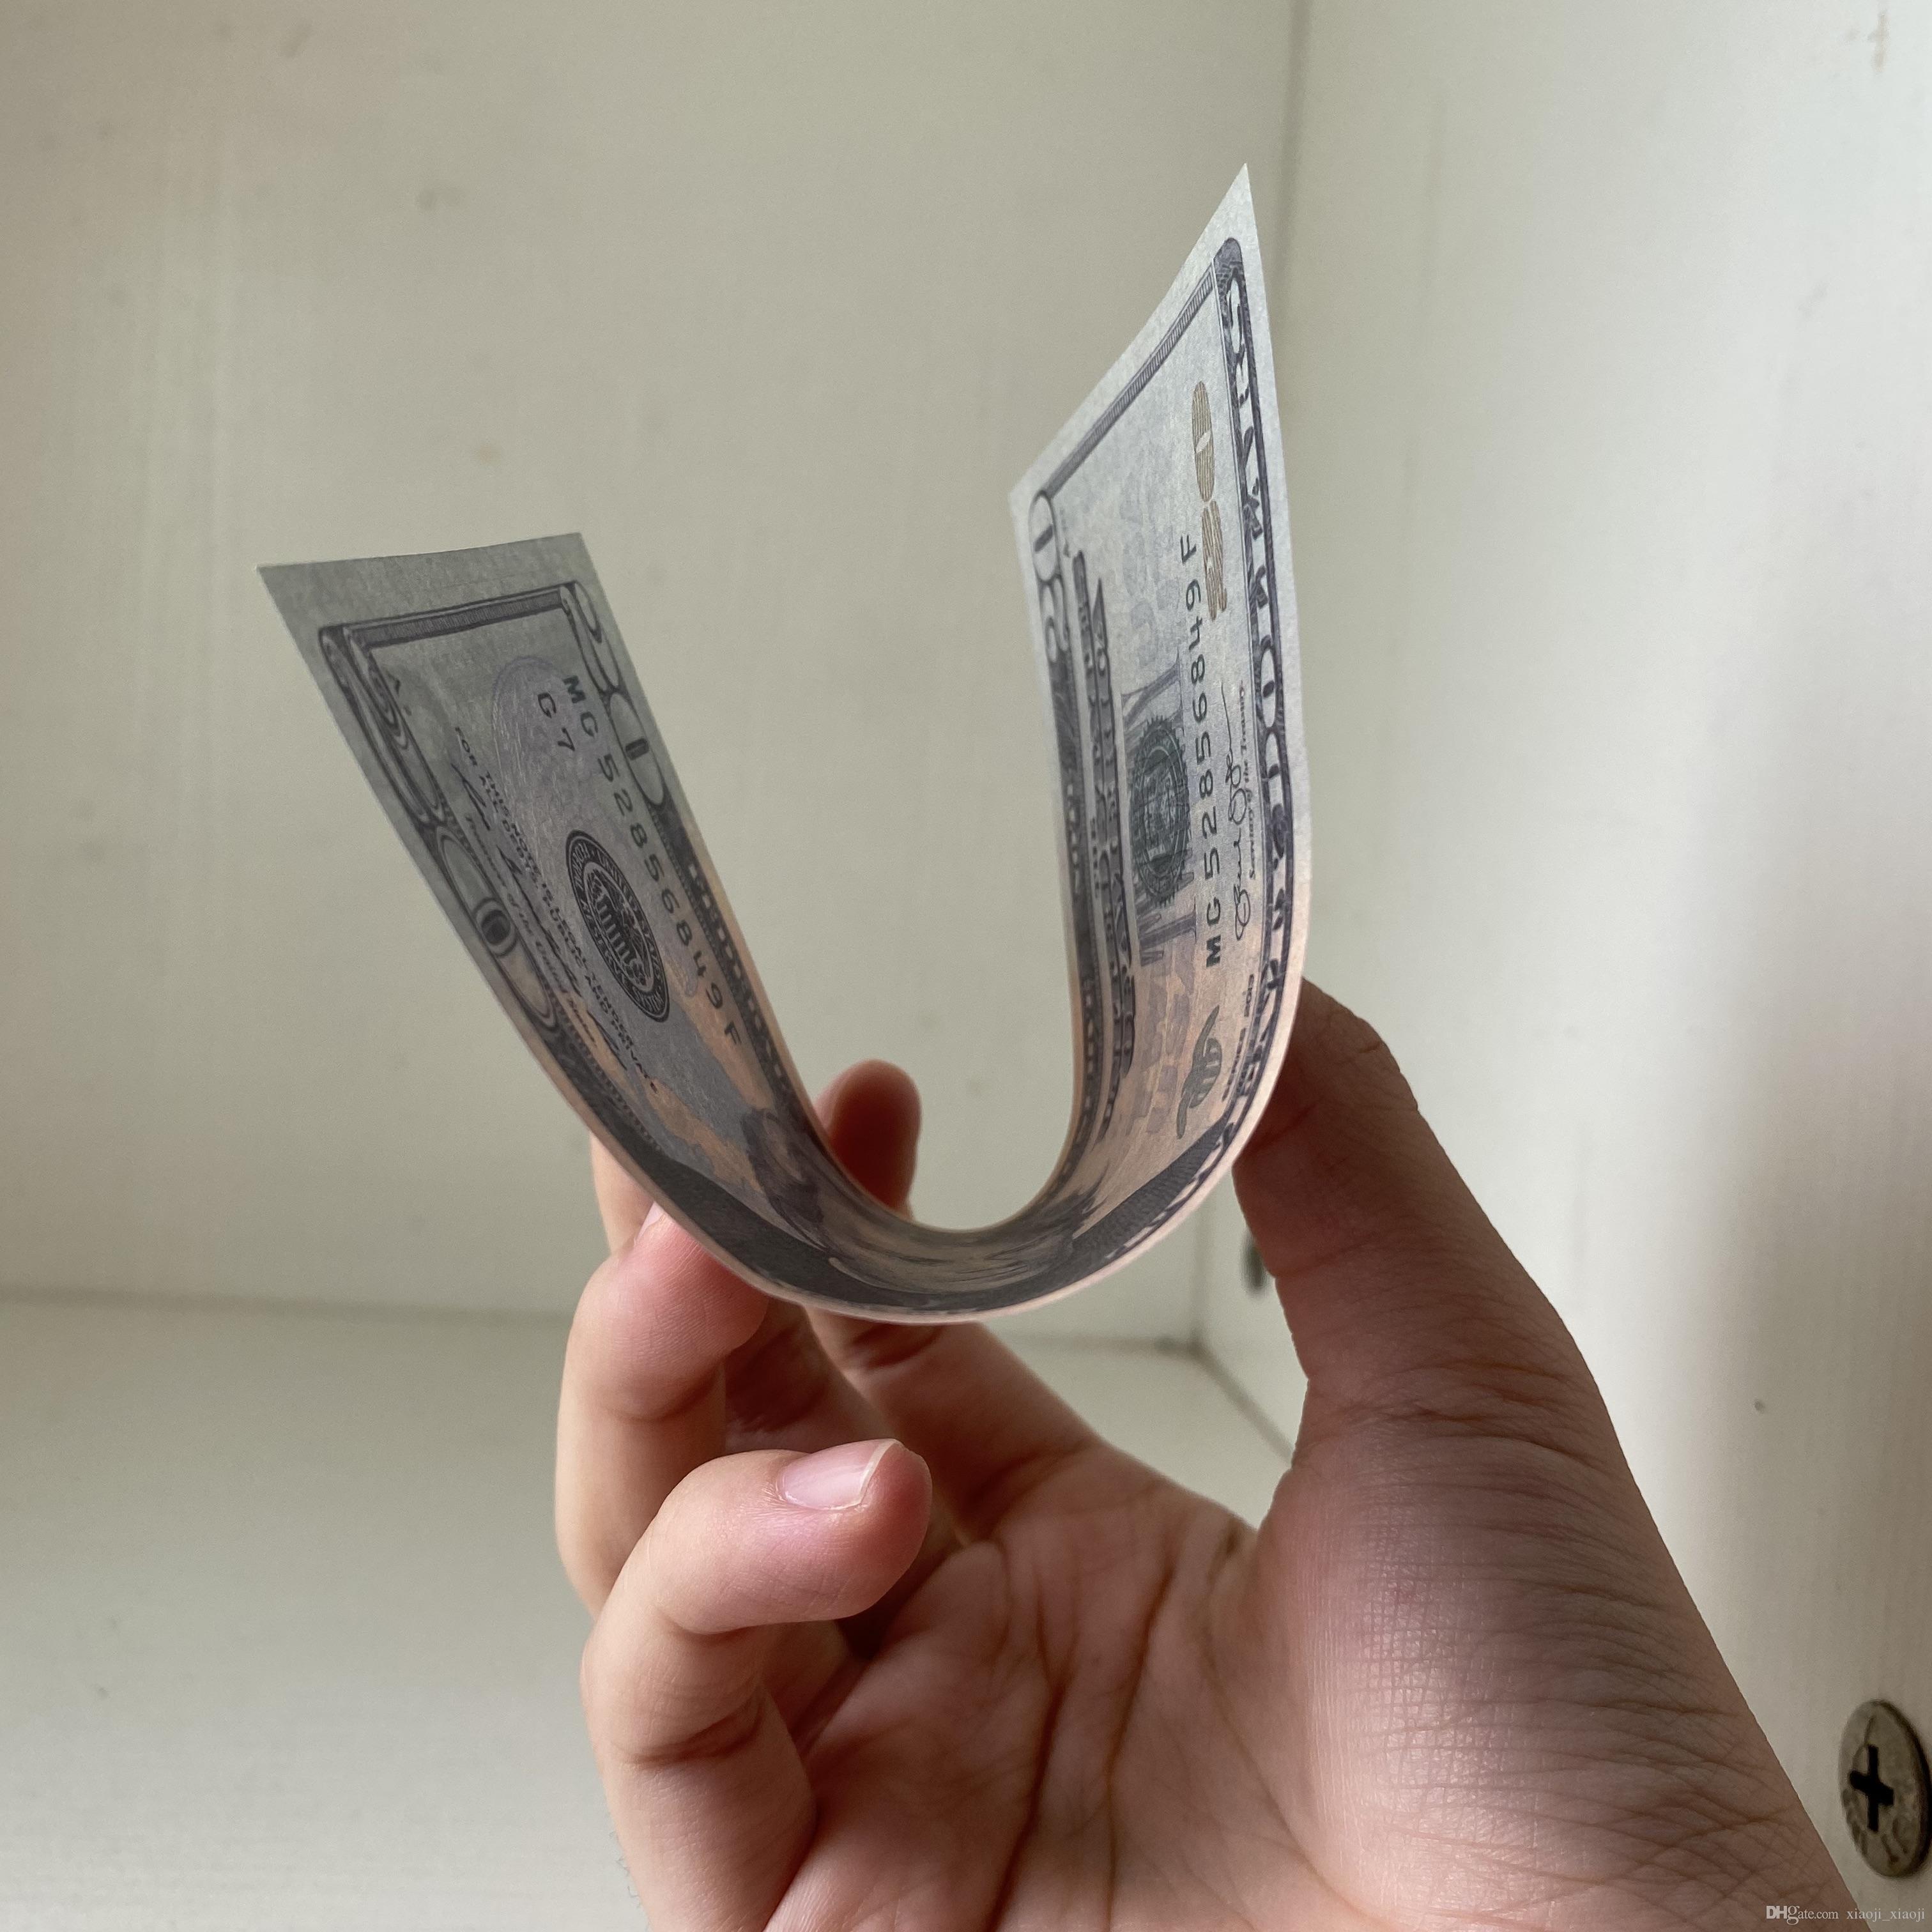 Crianças Atacado Melhor Contagem de Movie Prop Fake Decoração Dollor 014 Dinheiro Qualidade Falso dinheiro para vídeo Home Dinheiro Filme 20 CNQPR